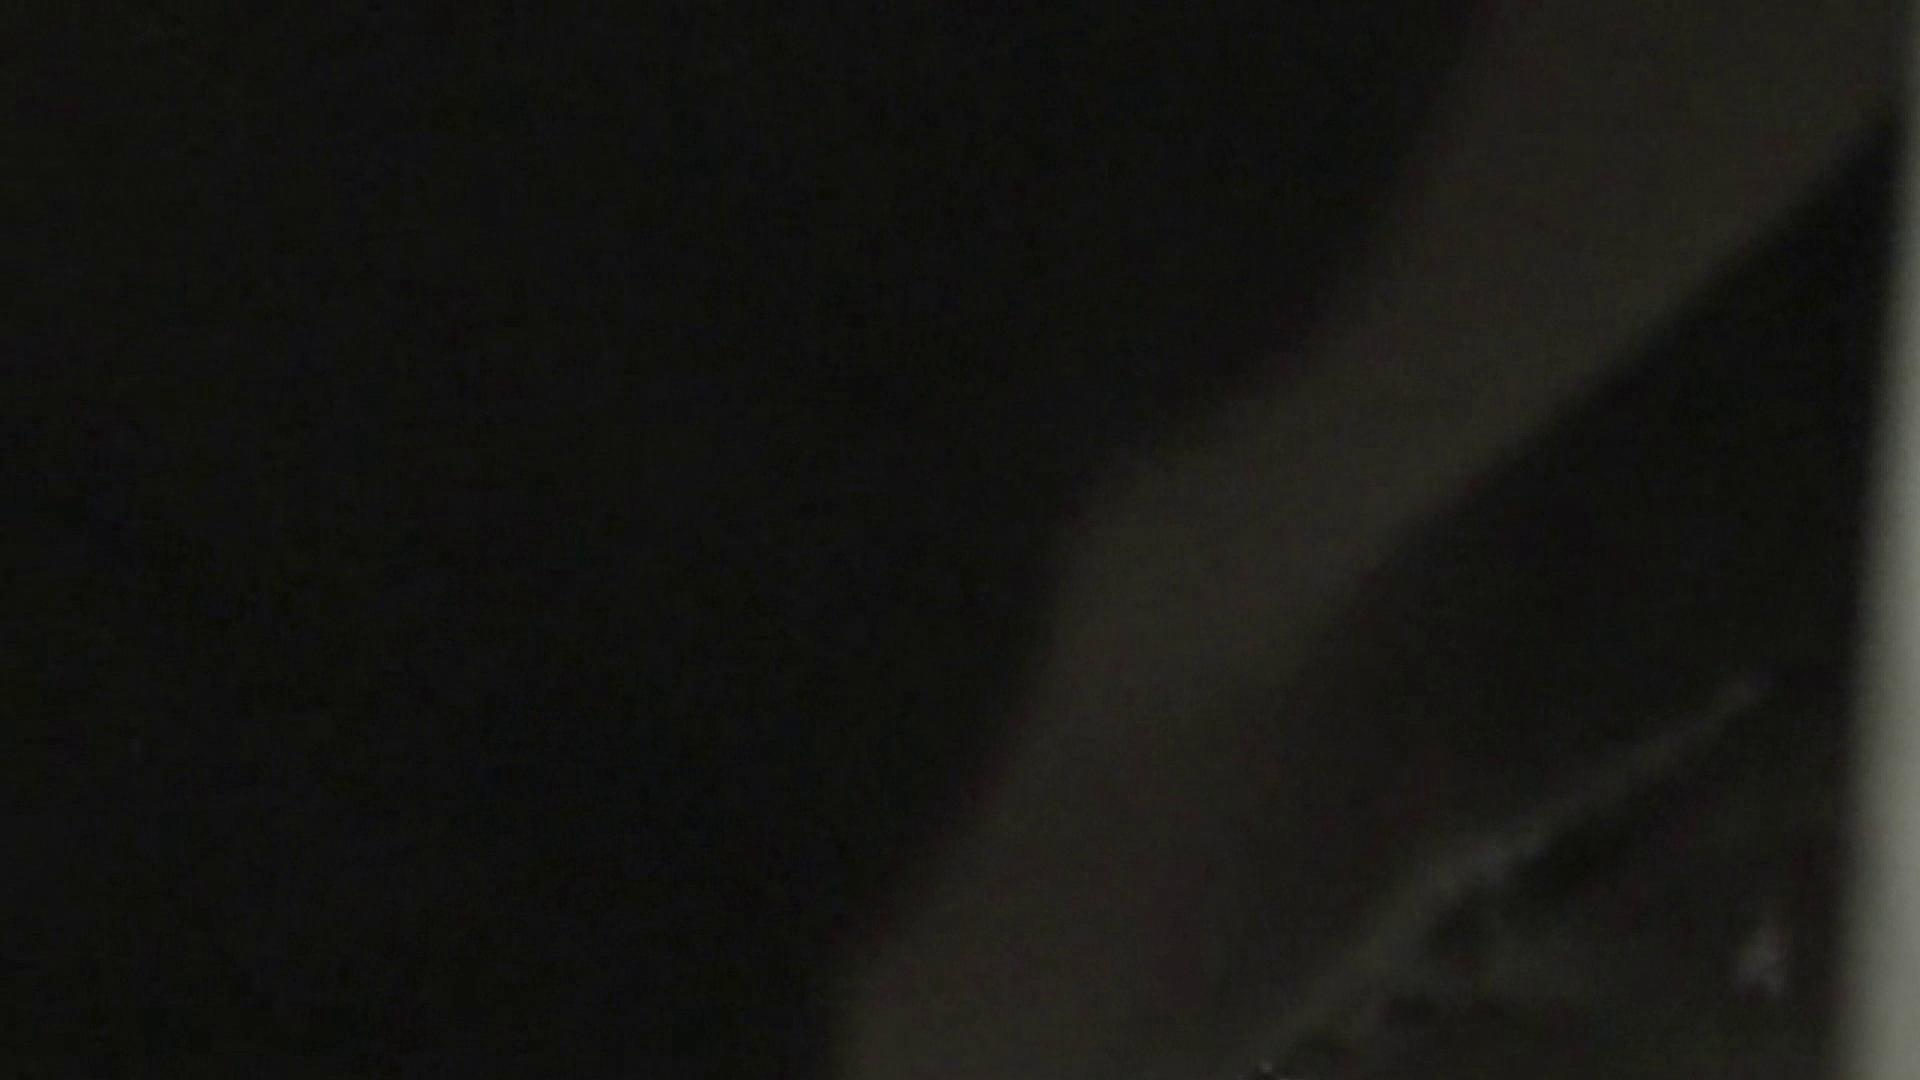 ロックハンドさんの盗撮記録File.70 厠 スケベ動画紹介 69連発 5